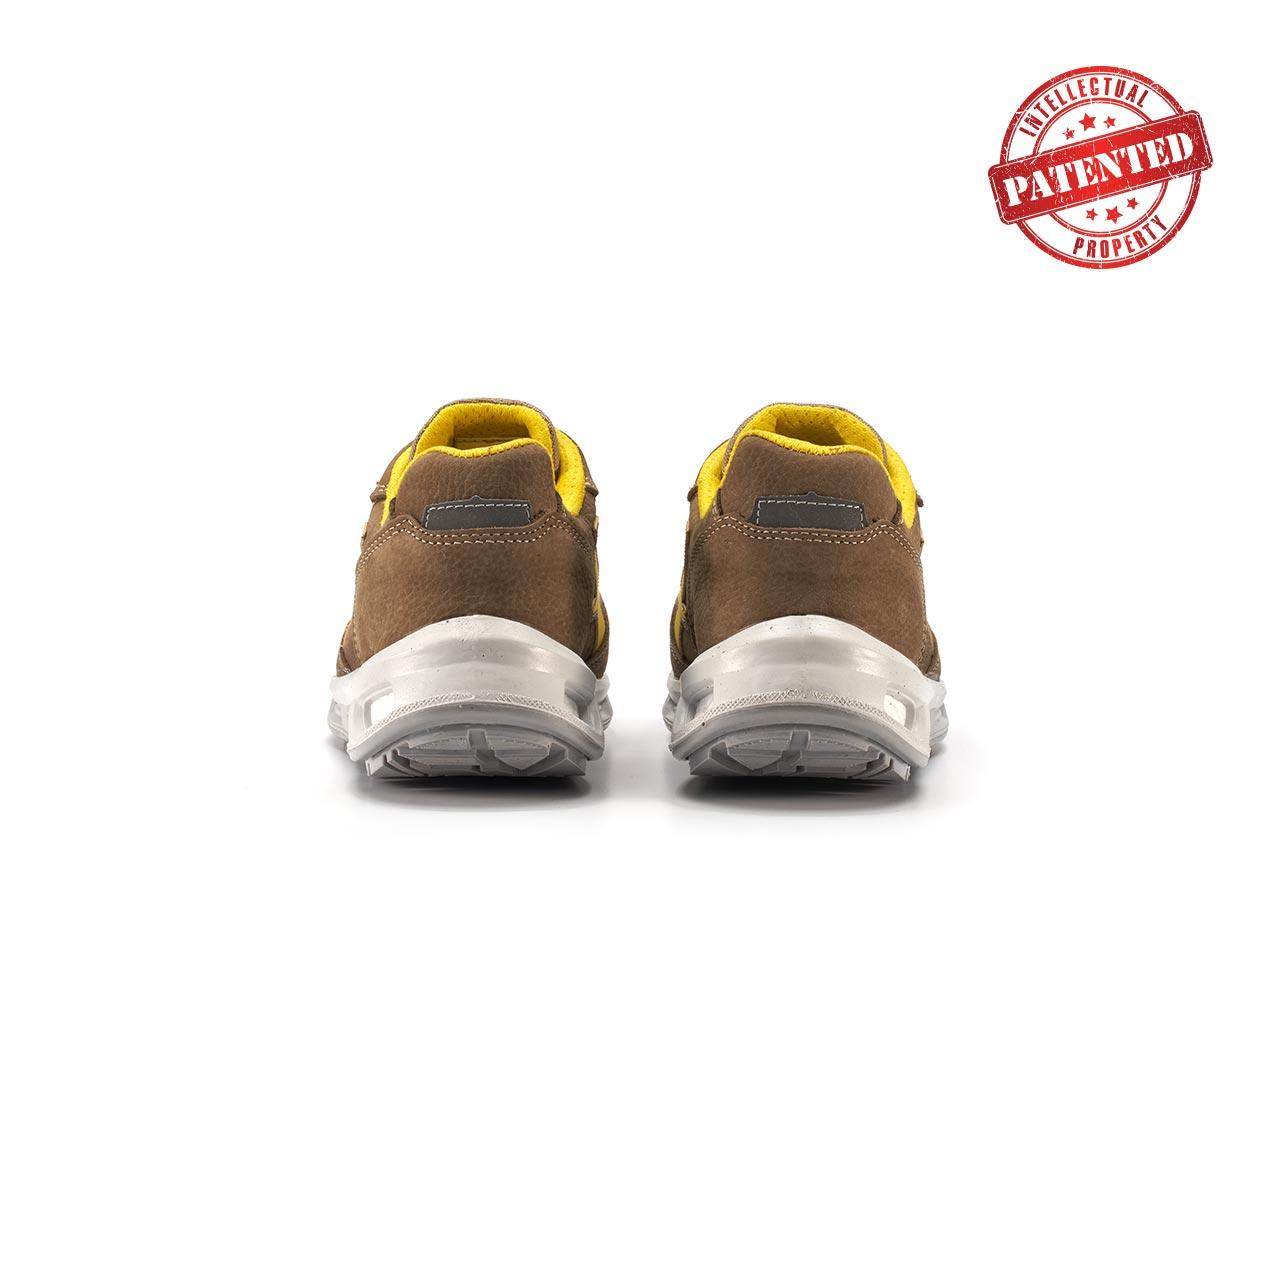 paio di scarpe antinfortunistiche upower modello brave linea redlion vista retro